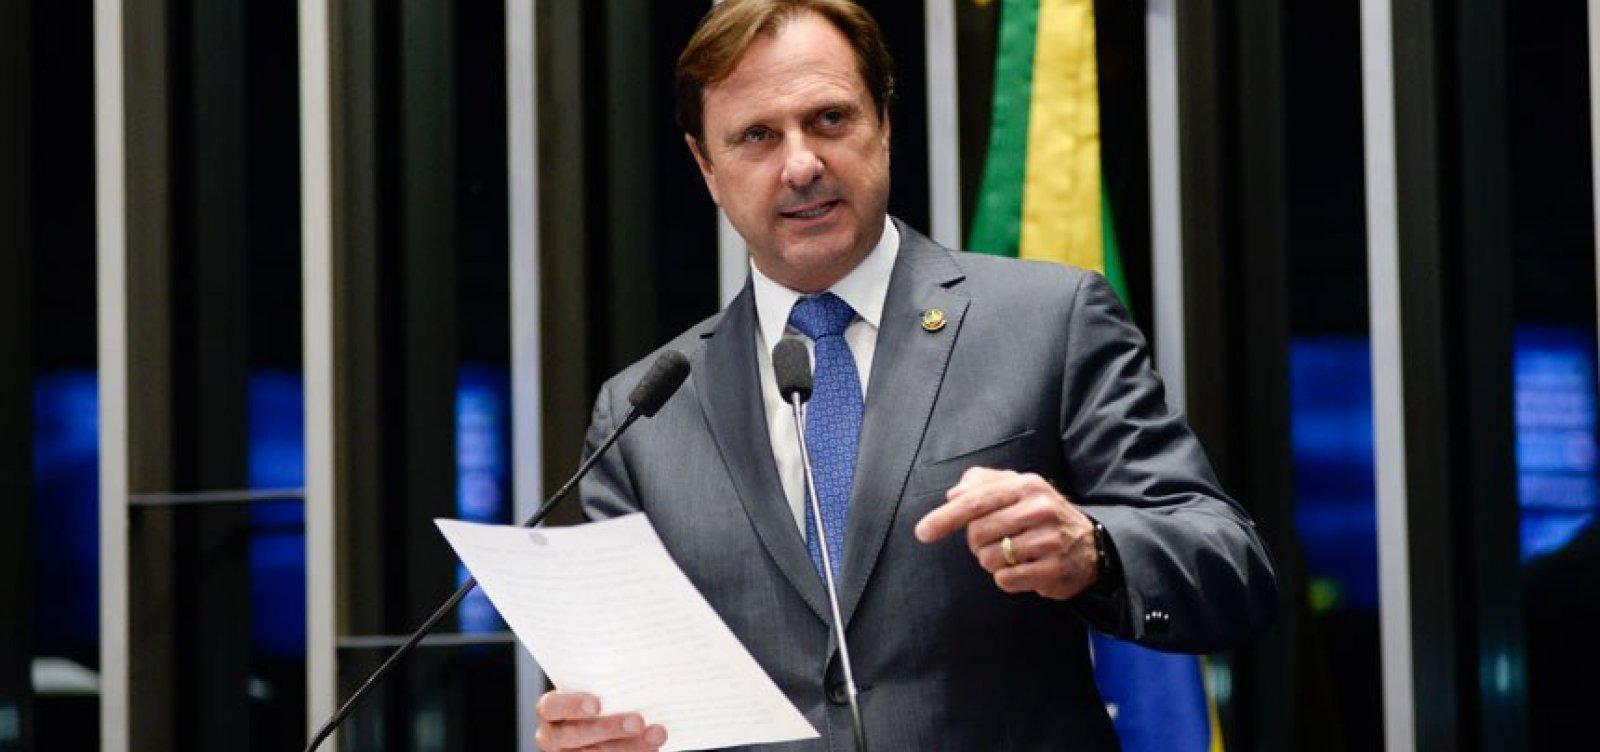 Justiça do DF libera regime aberto para o senador Acir Gurgacz